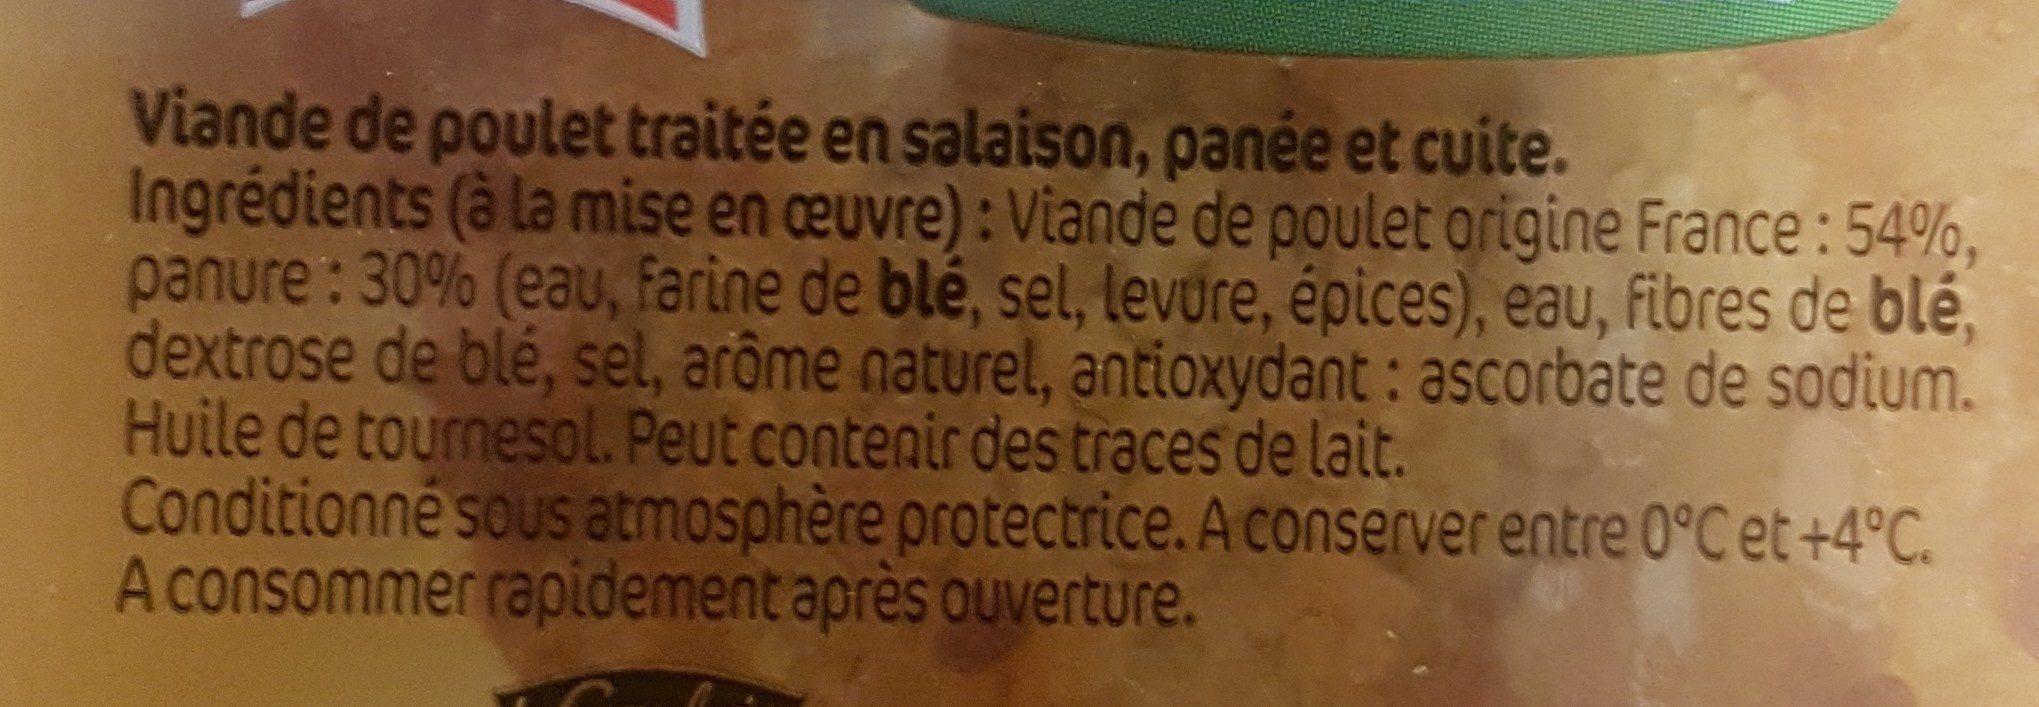 Panés de poulet x2 - Ingrediënten - fr